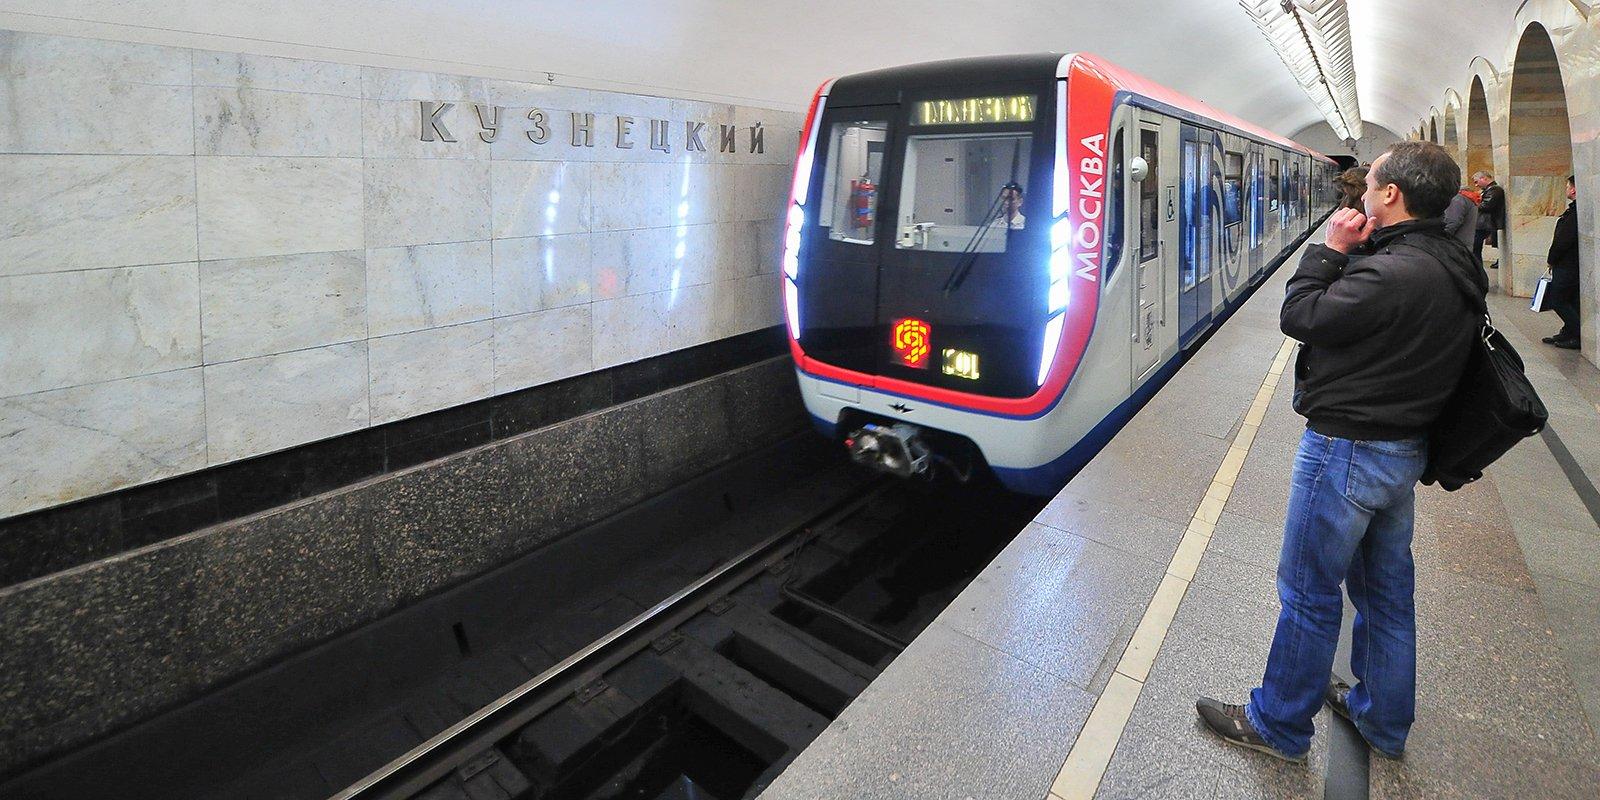 Приятной поездки: в метро и наземном транспорте начали приветствовать пассажиров